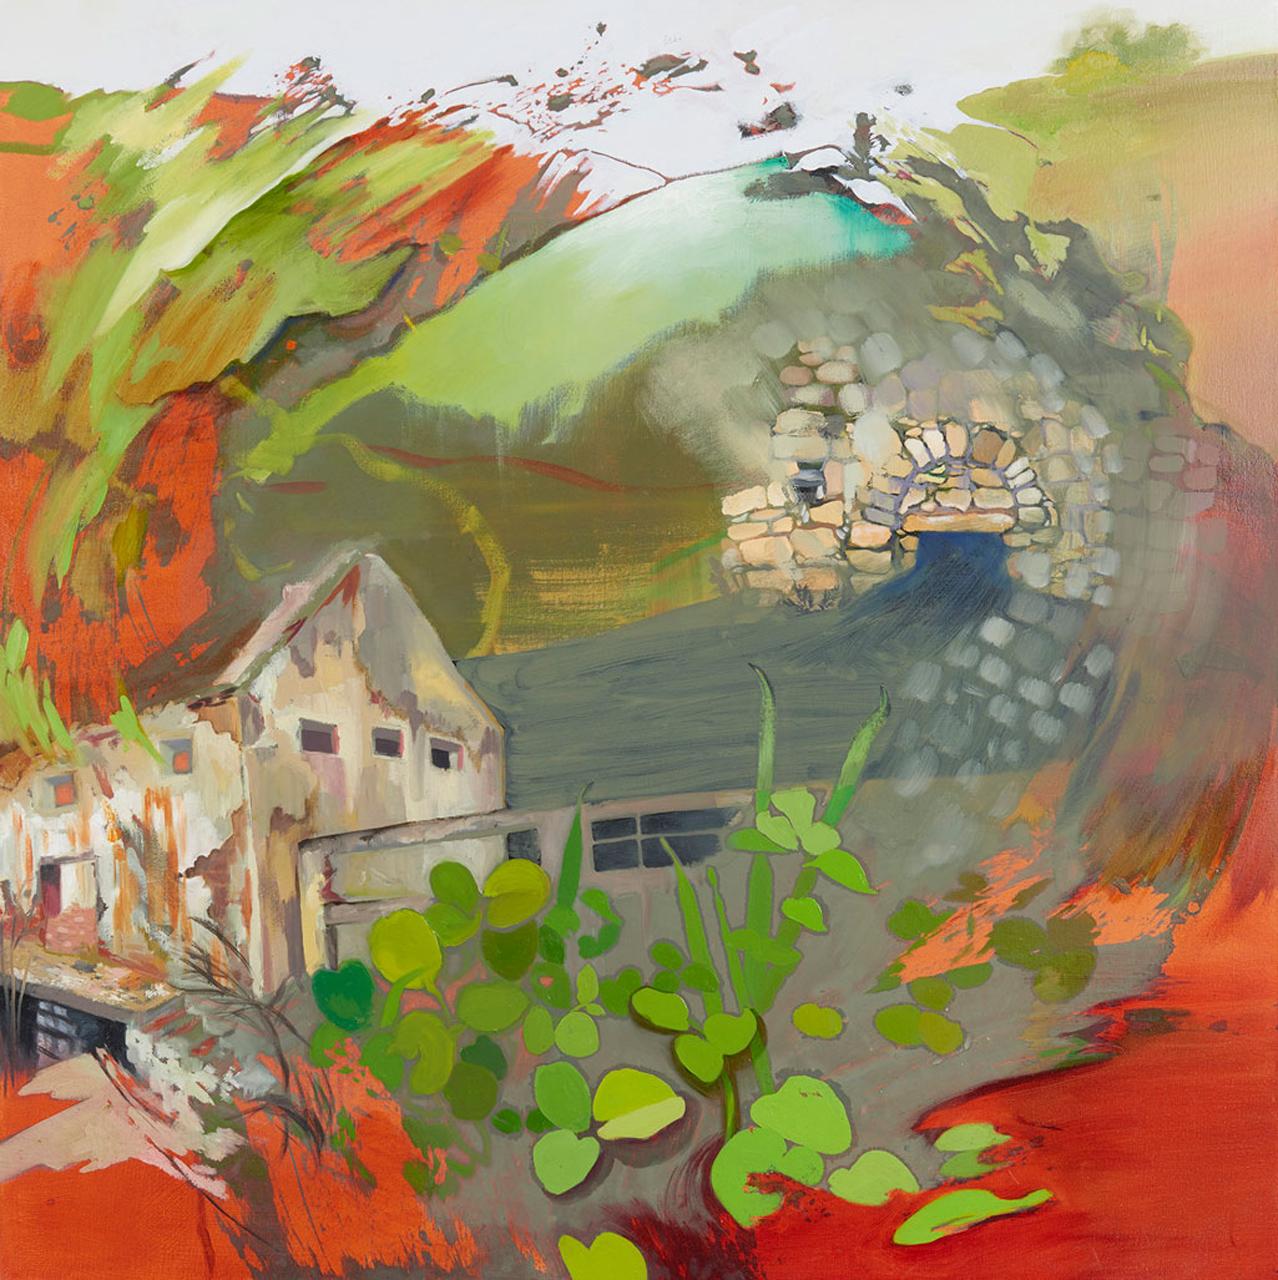 Une huile sur toile représentant une maison, des feuilles vertes et des couleurs rougeâtre, le tout évoquant un mouvement circulaire.